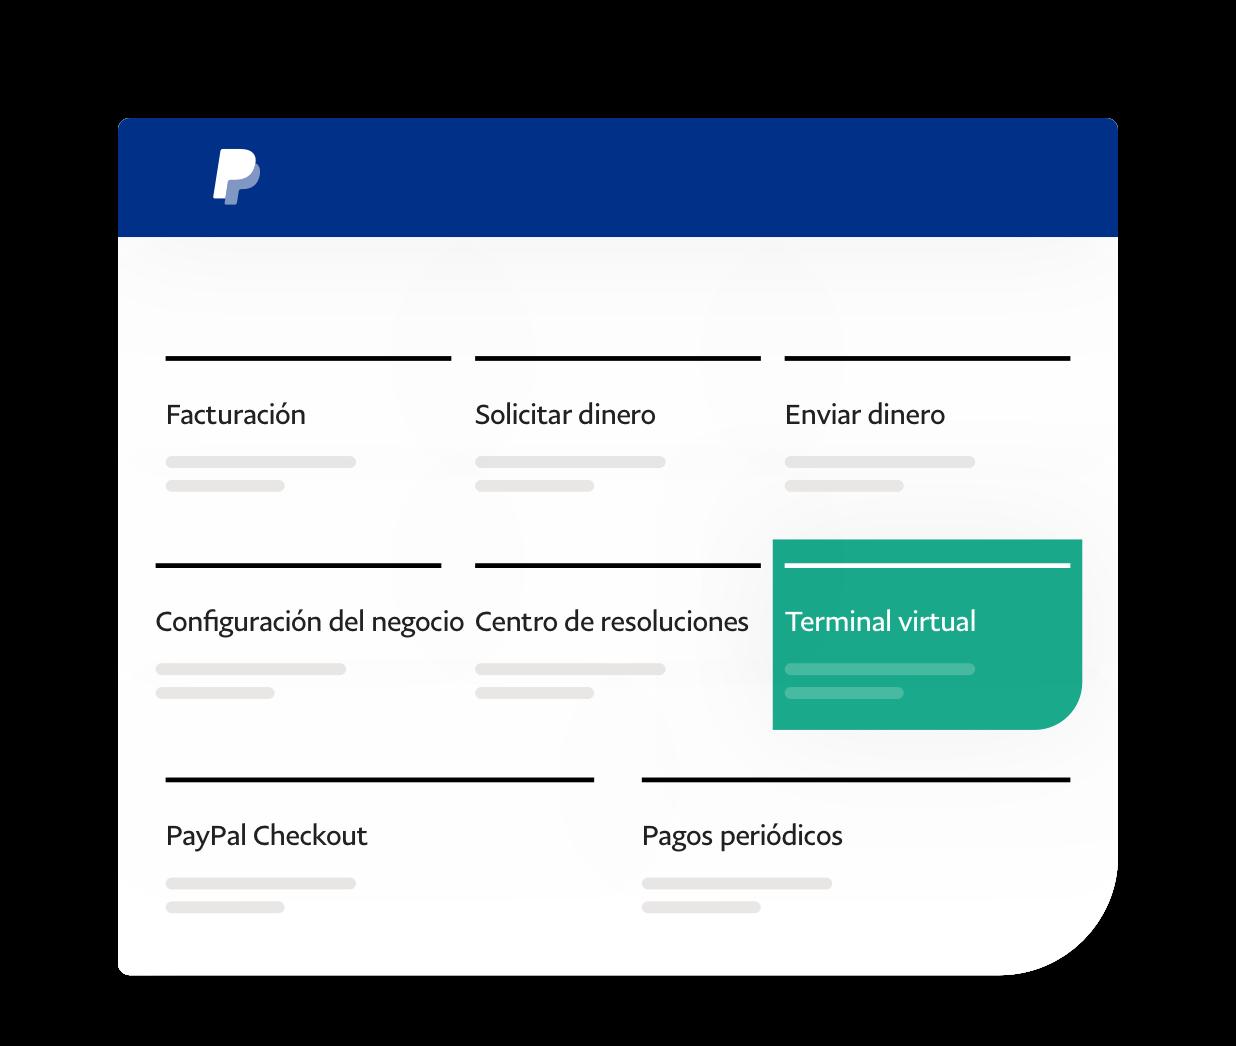 Captura de pantalla de la aplicación que muestra las aplicaciones disponibles, destacando el terminal virtual.